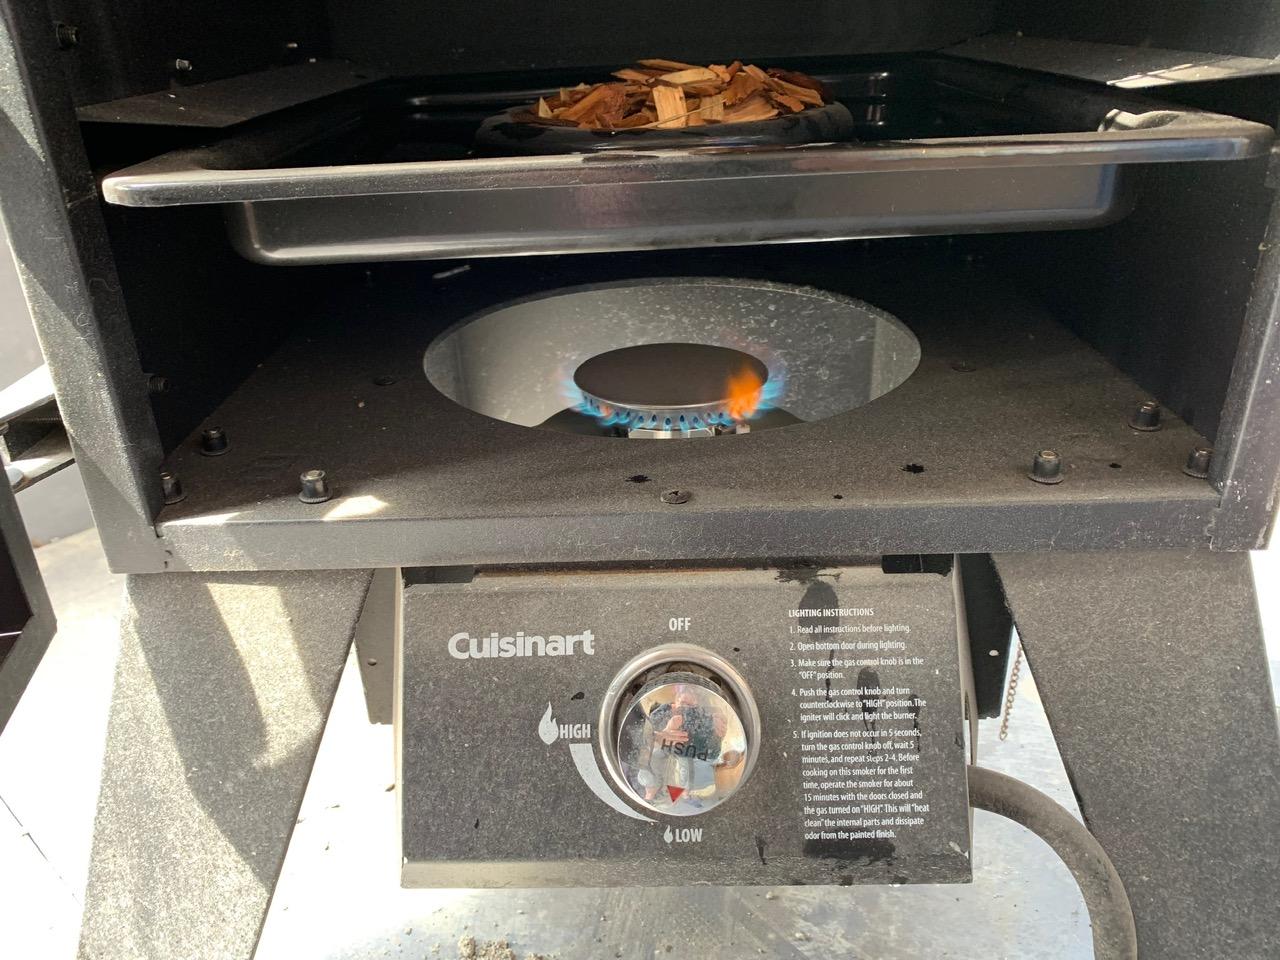 smoker burner on low